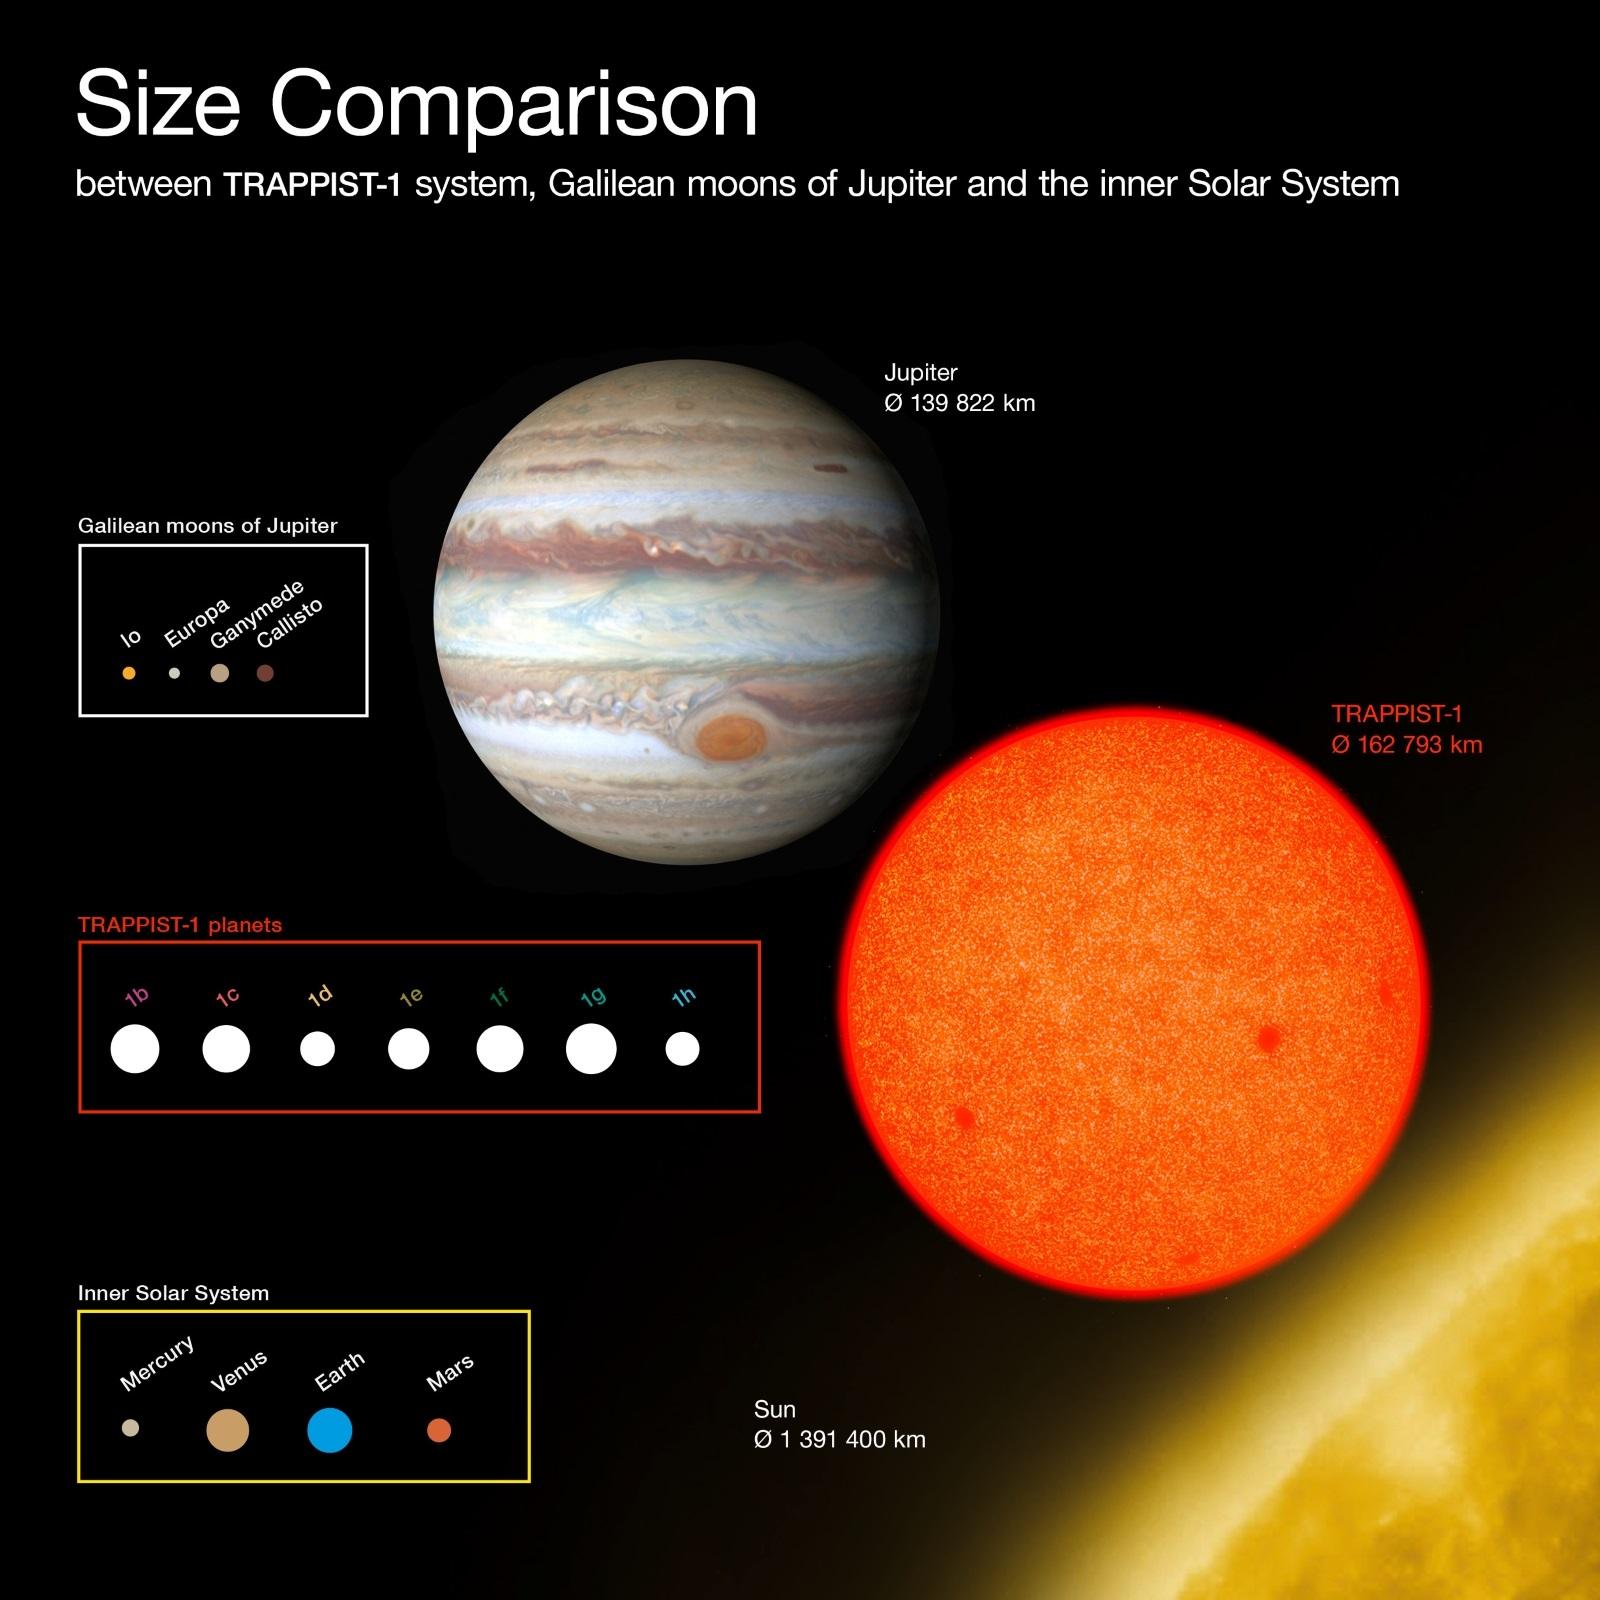 TRAPPIST-1 size comparison